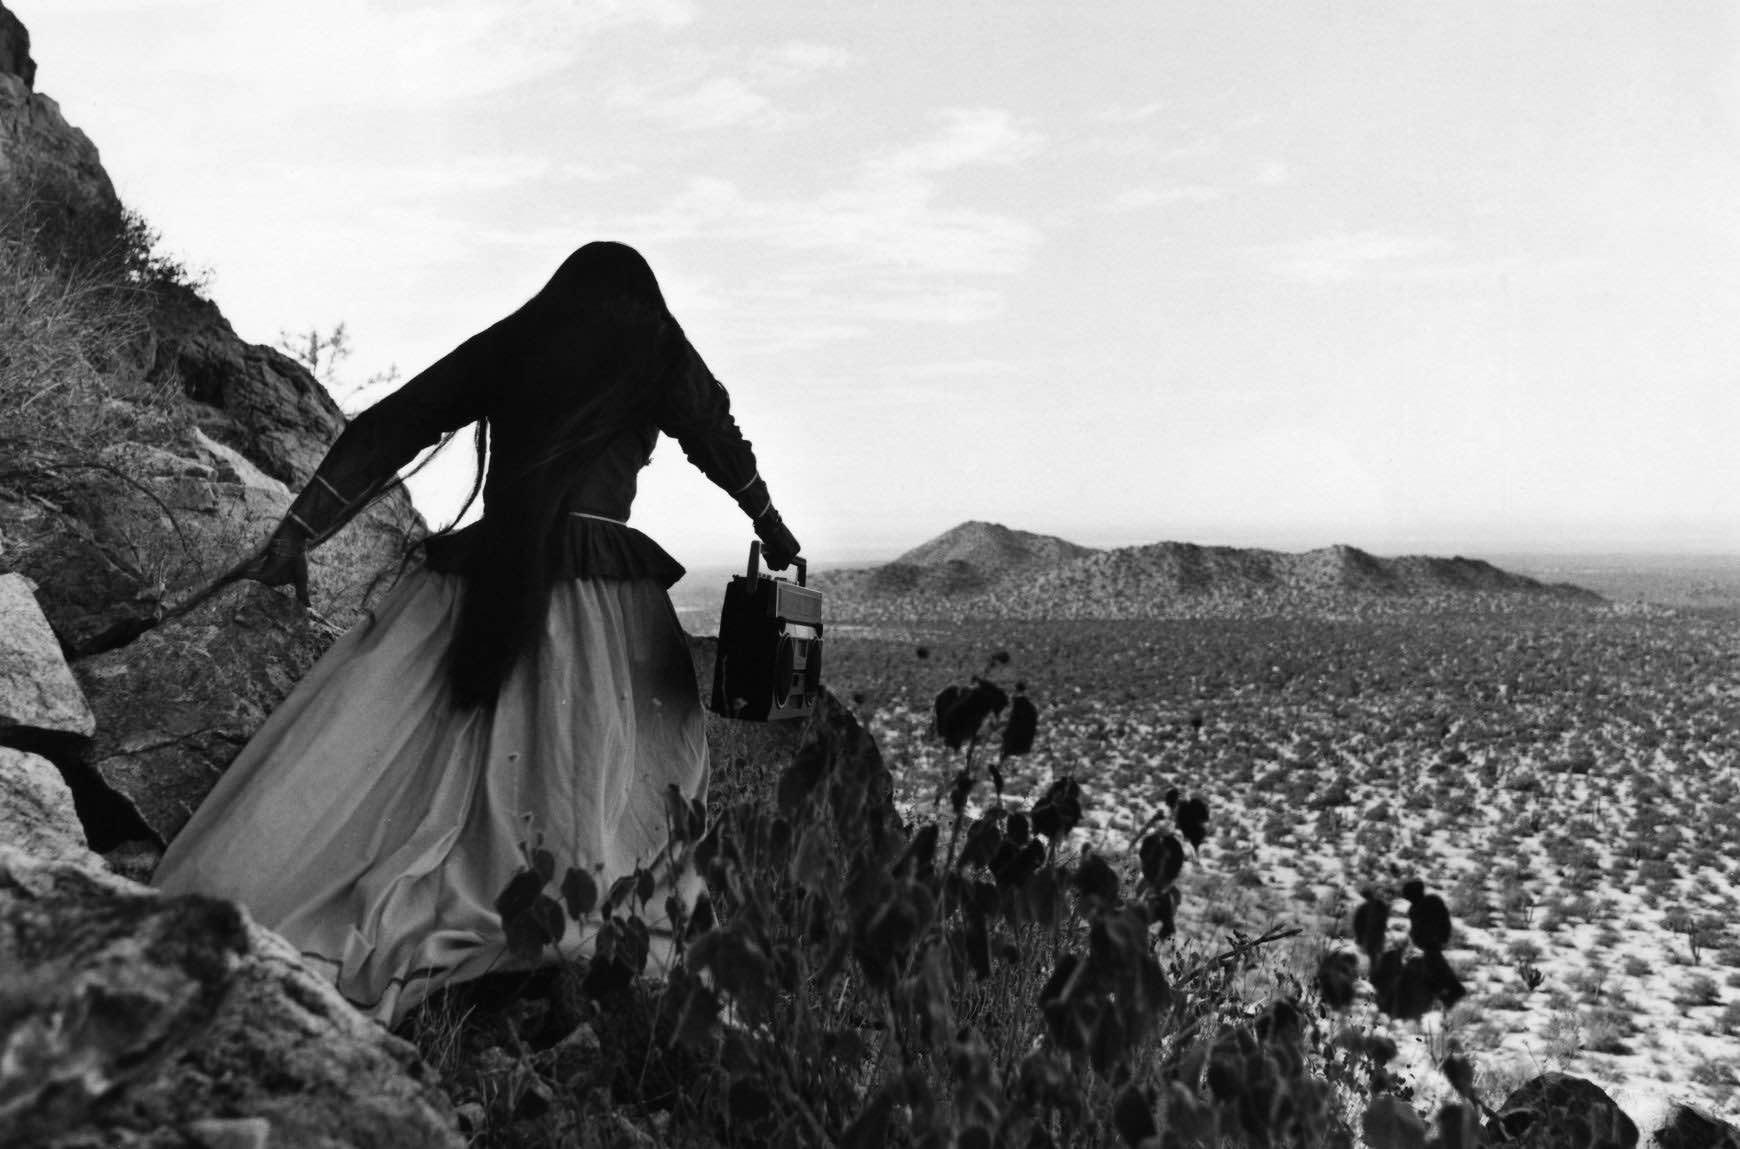 deserto-rocce-fiori-donna